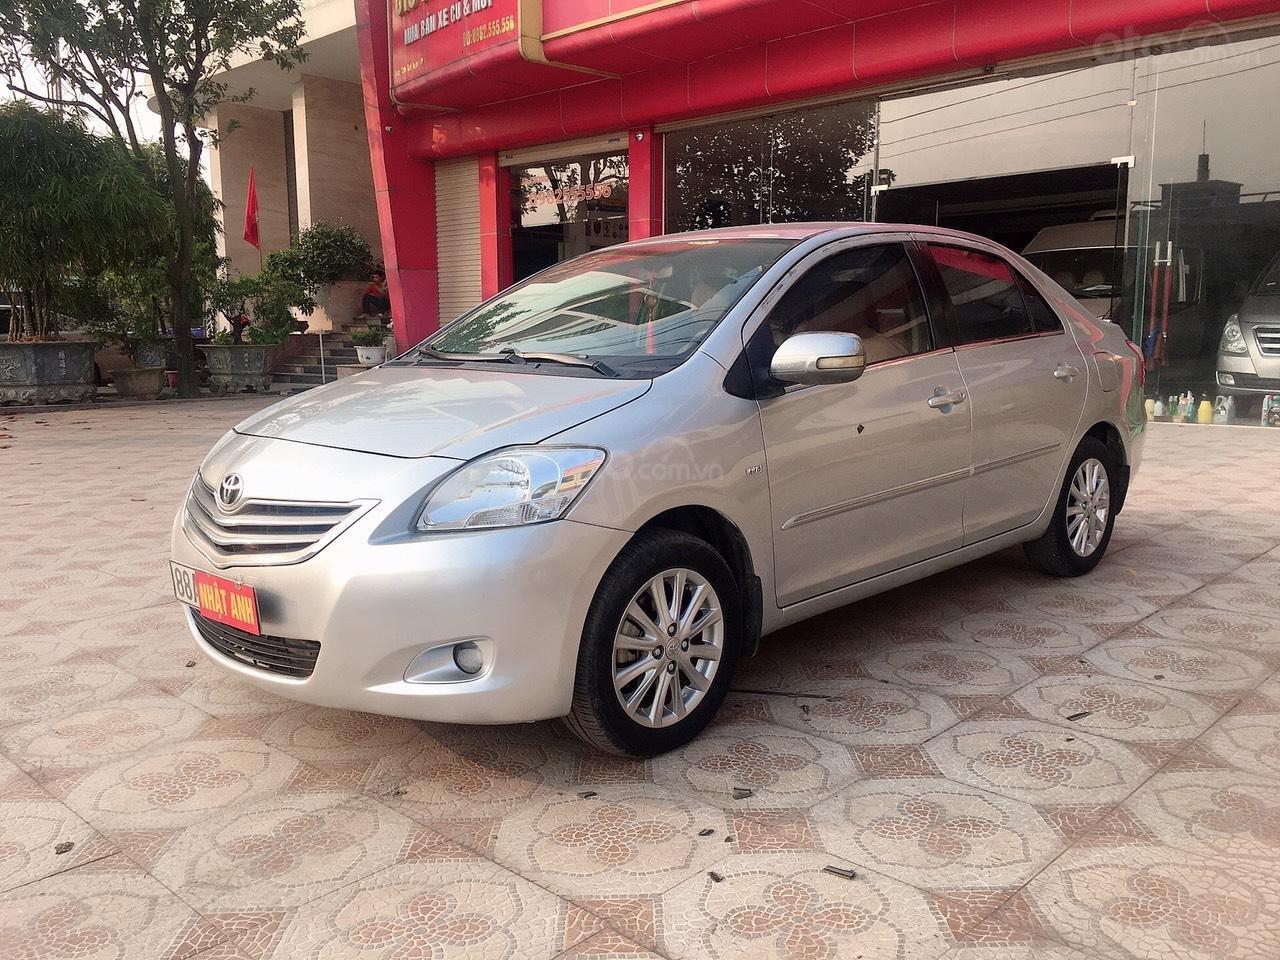 Cần bán Toyota Vios năm sản xuất 2010 giá cạnh tranh (3)